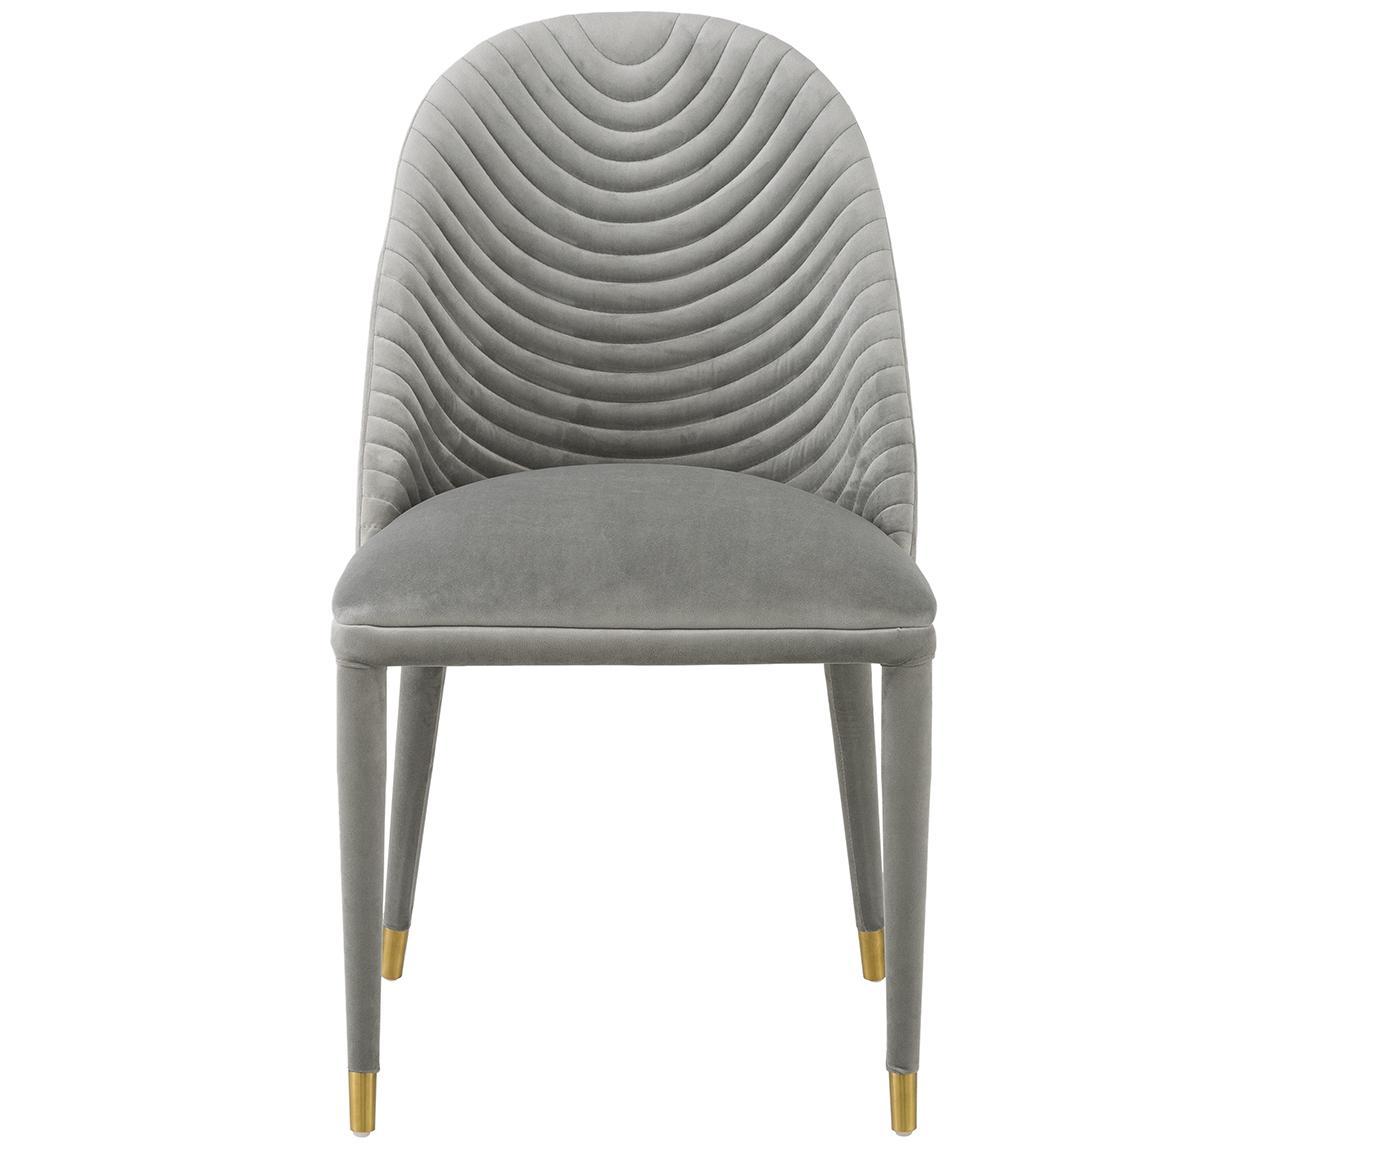 Krzesło tapicerowane z aksamitu Skyler, Tapicerka: aksamit (poliester) 5000, Nogi: metal pokryty aksamitem (, Tapicerka: szary Nogi: czarny, odcienie złotego, S 48 x W 85 cm